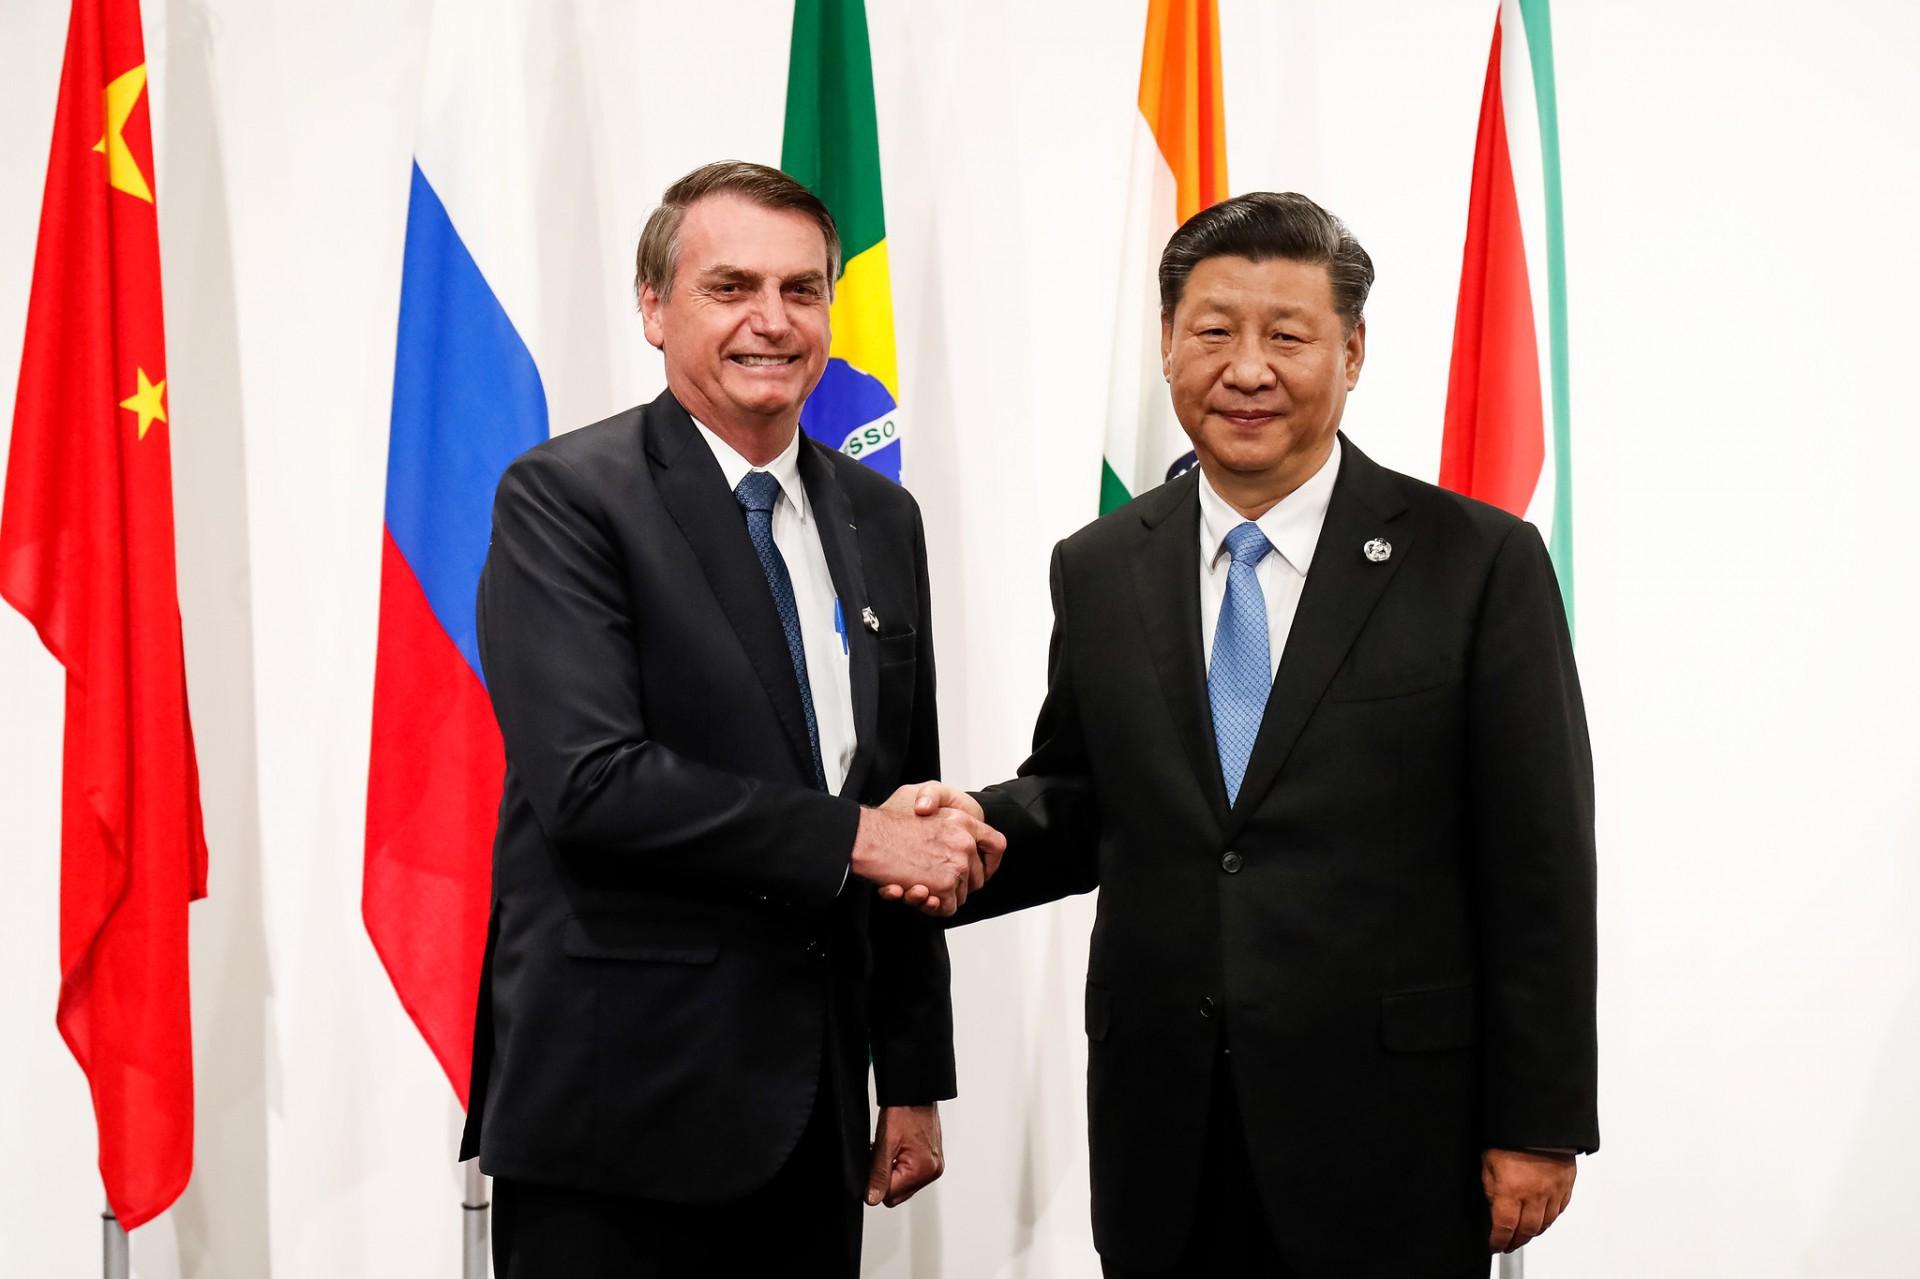 Jair Bolsonaro e o presidente chinês Xi Jinping durante encontro dos Brics